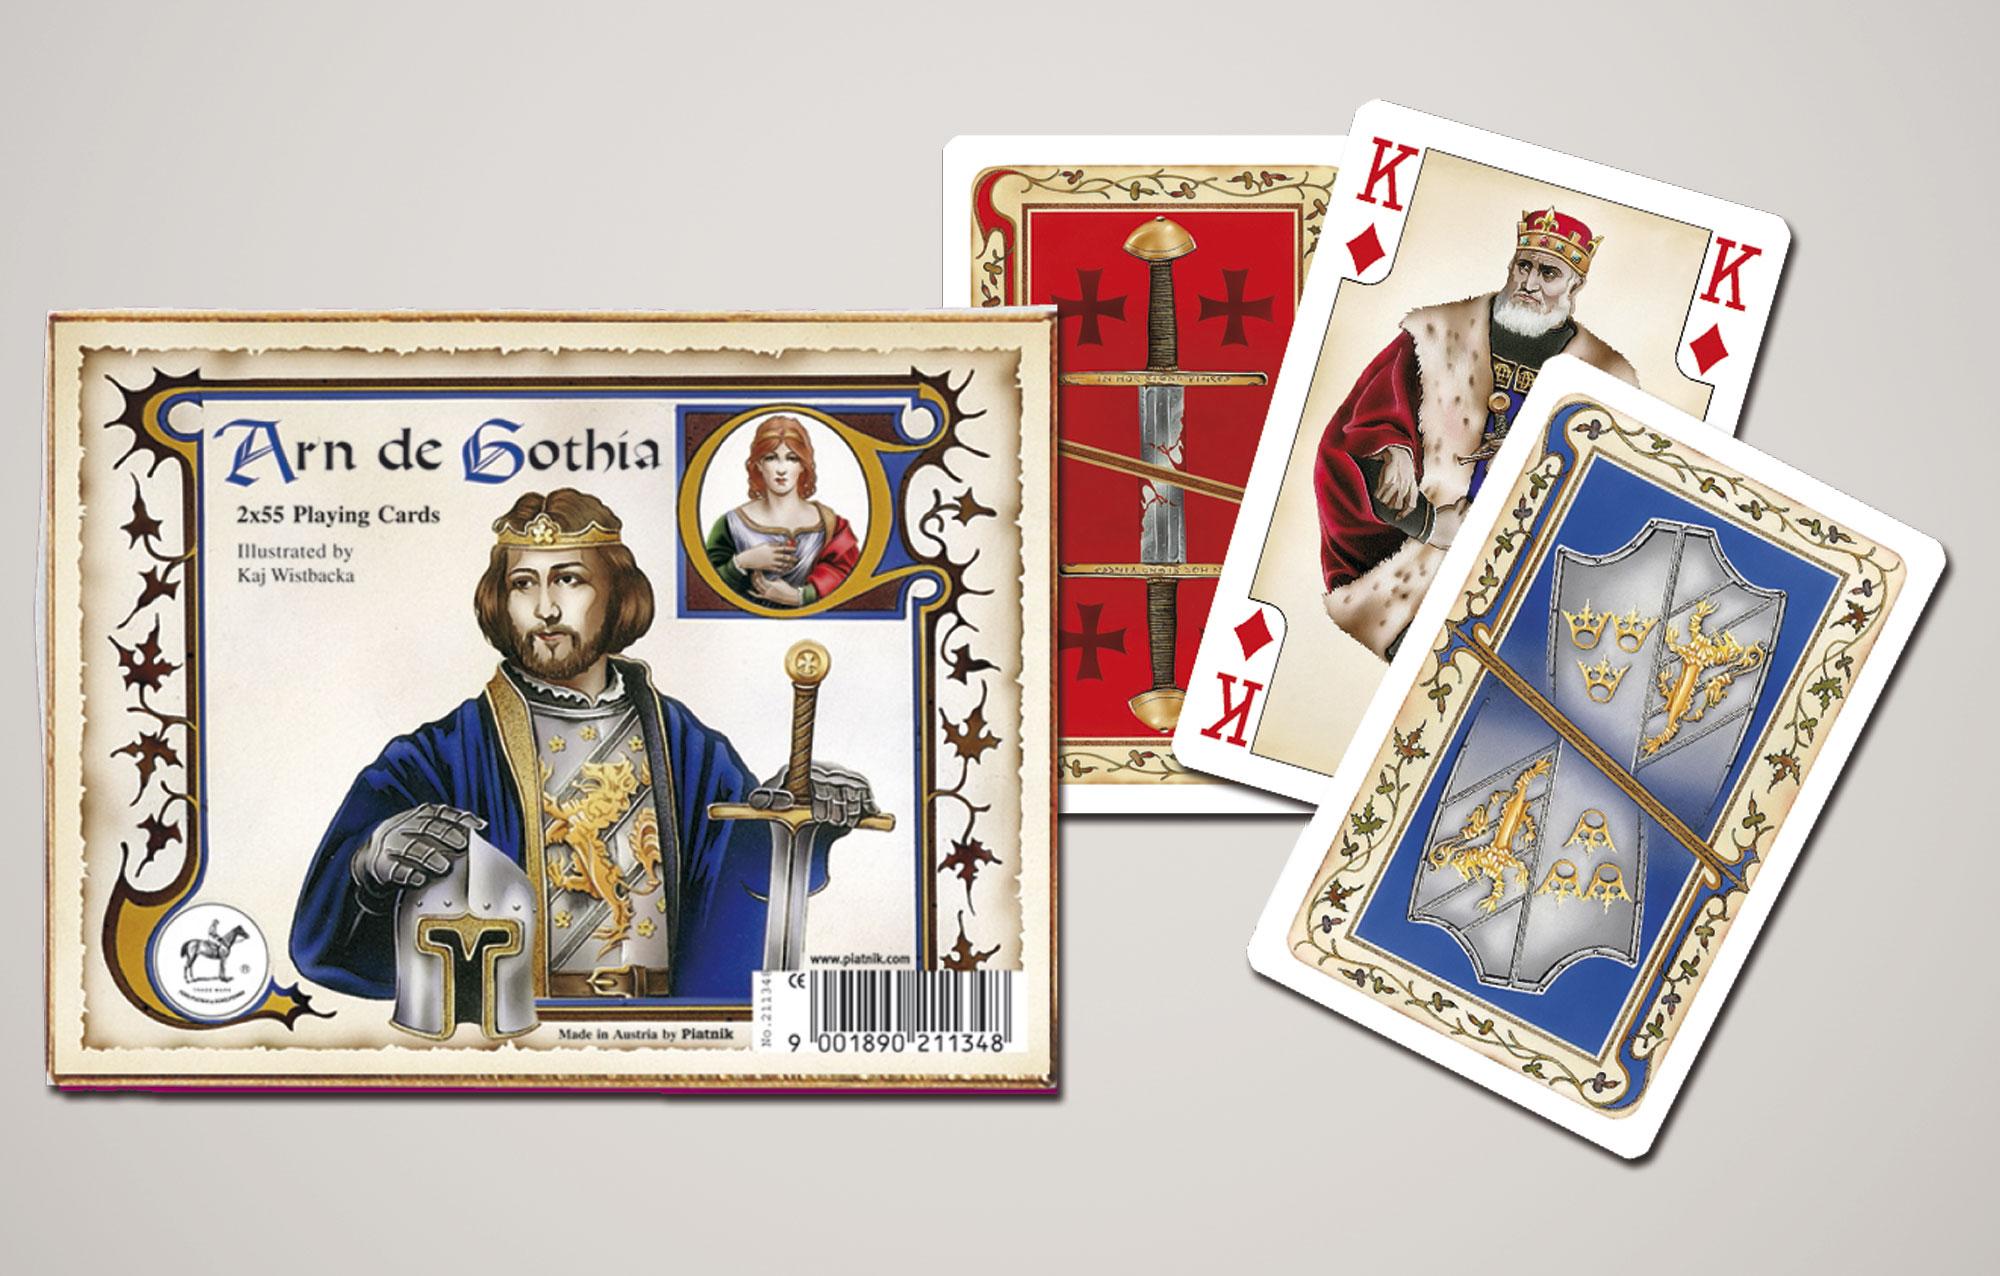 gothia card